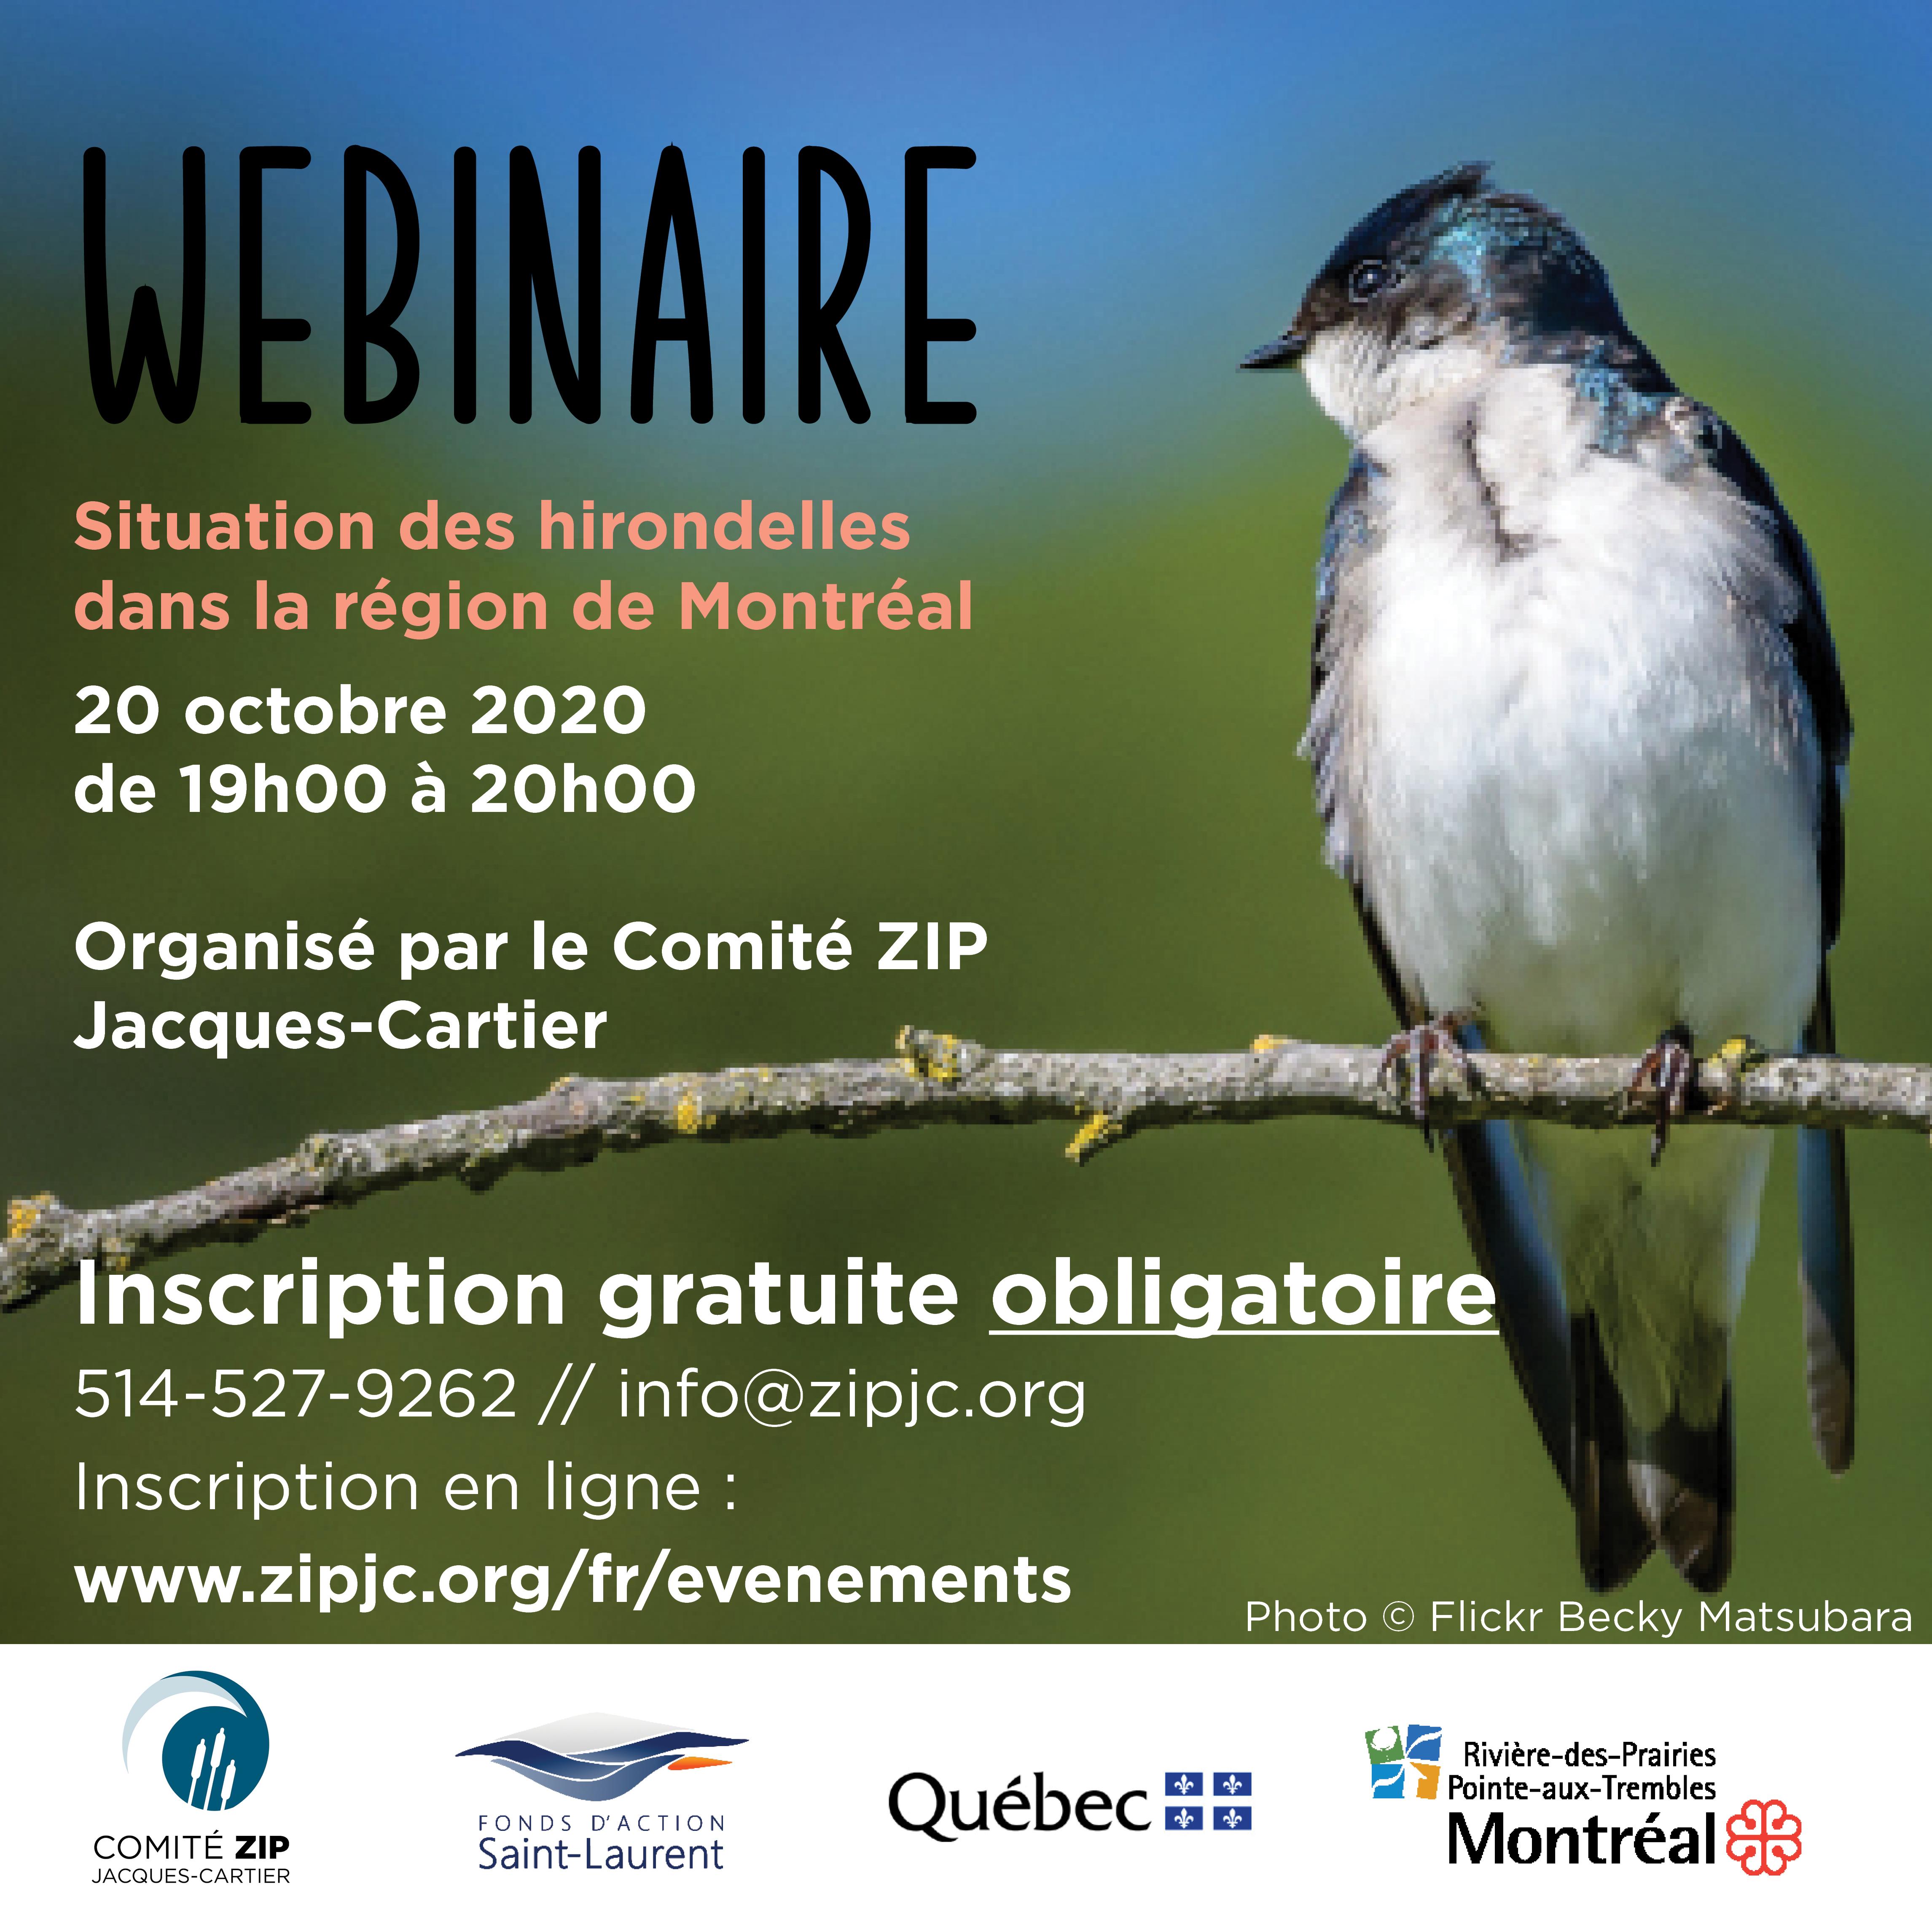 Webinaire : la situation des hirondelles dans la région de Montréal